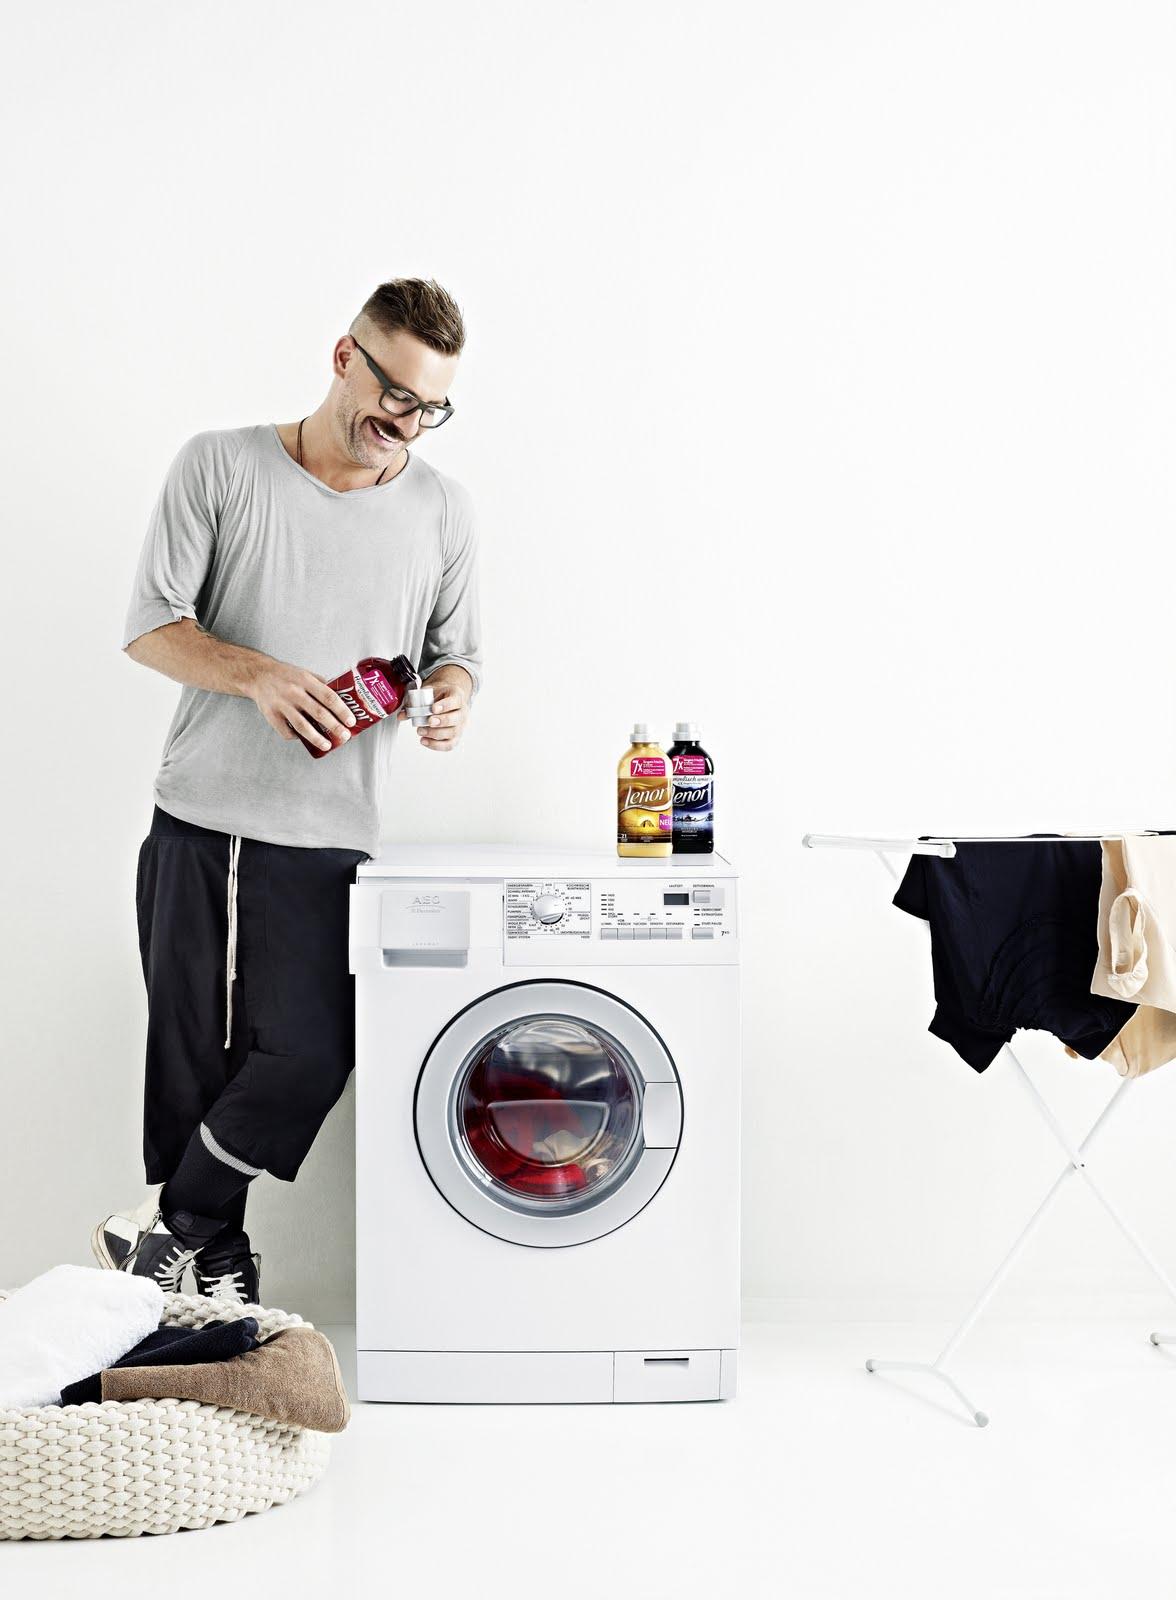 Für Ihn Gilt Das Nicht Er Liebt Es Selbst Zu Waschen Damit Den Guten Stücken In Der Waschtrommel Nichts Piert Werden Sie Auf Links Gedreht Und Im